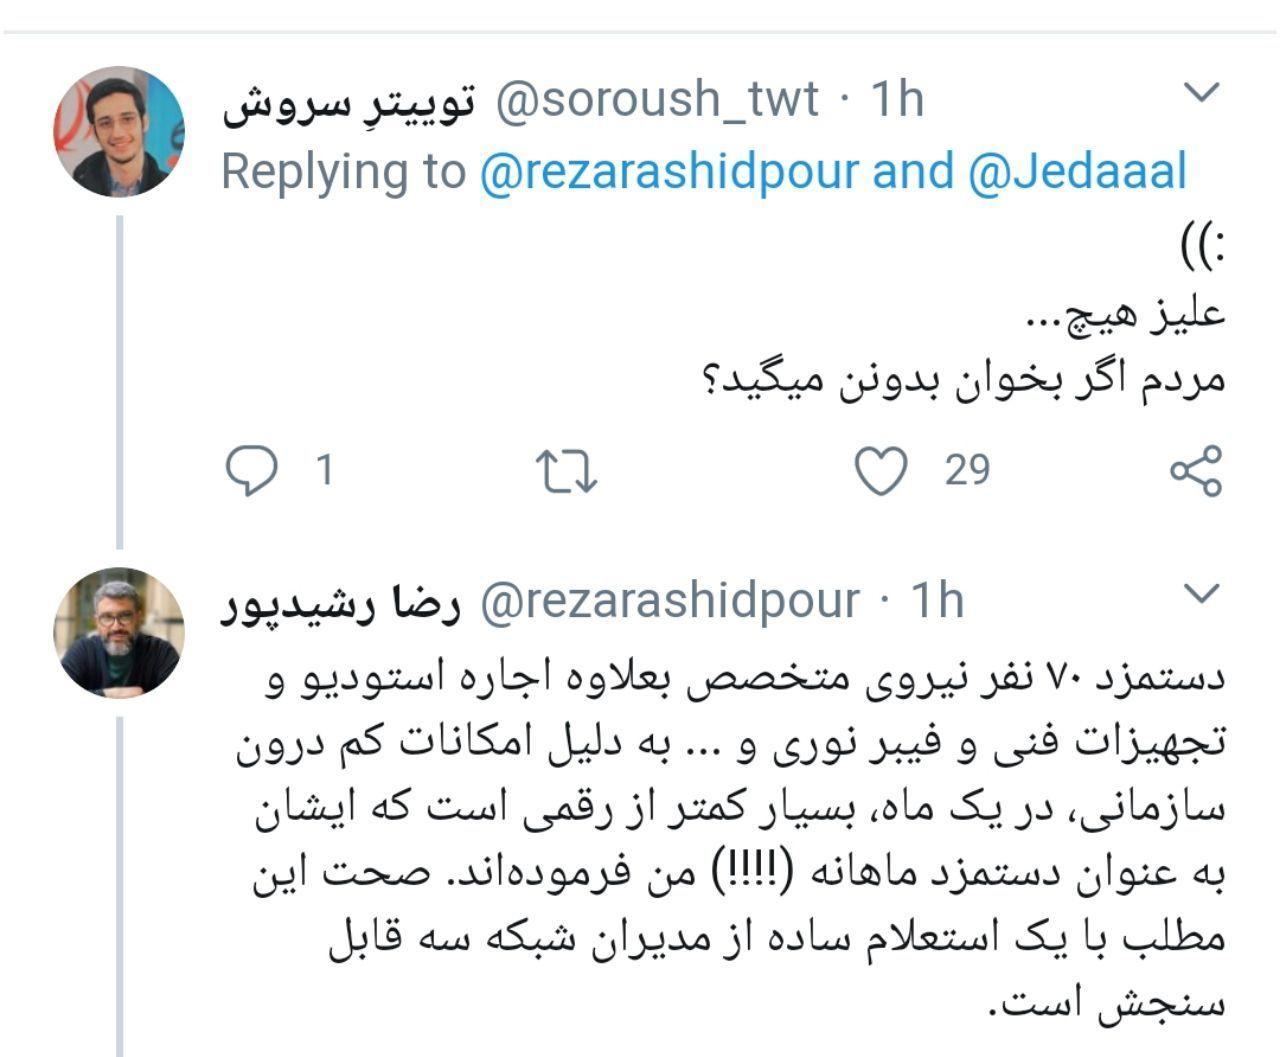 جدال توییتری علی علیزاده و رضا رشیدپور